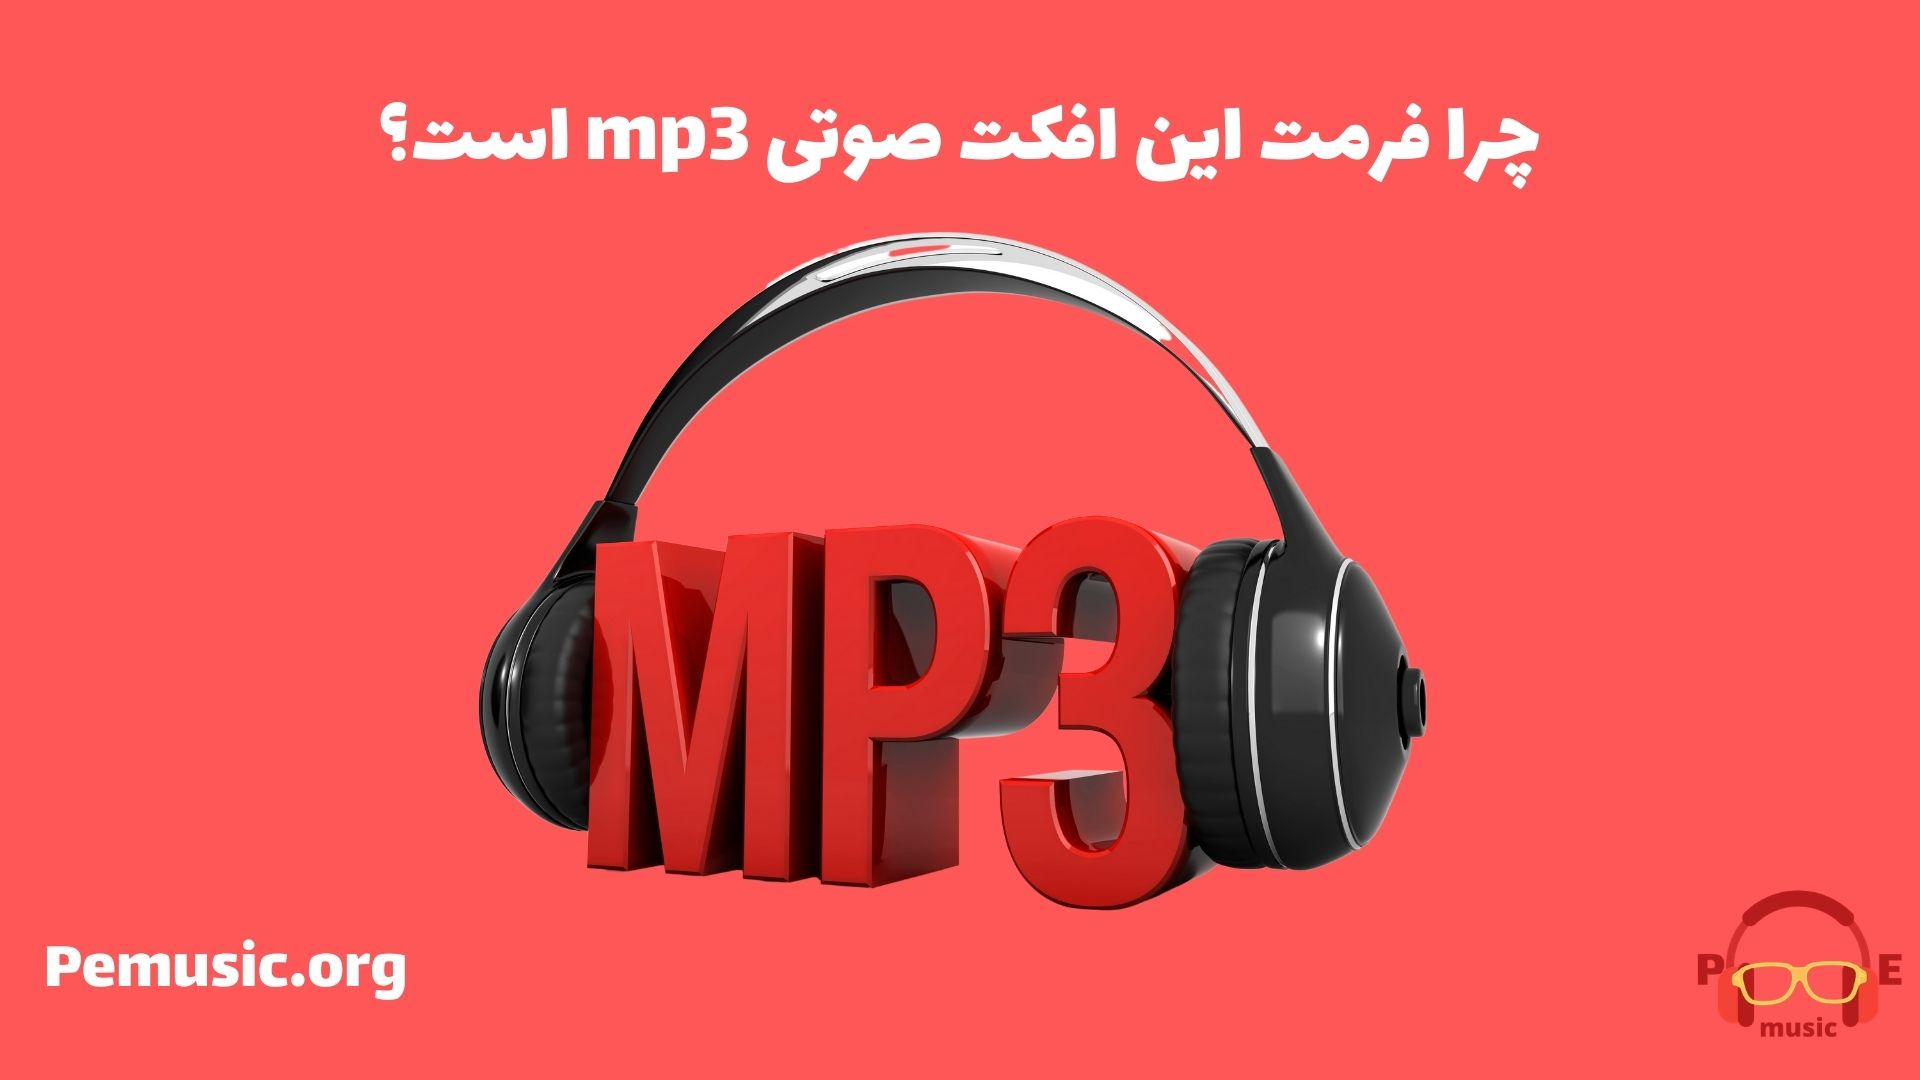 چرا فرمت این افکت صوتی mp3 است؟